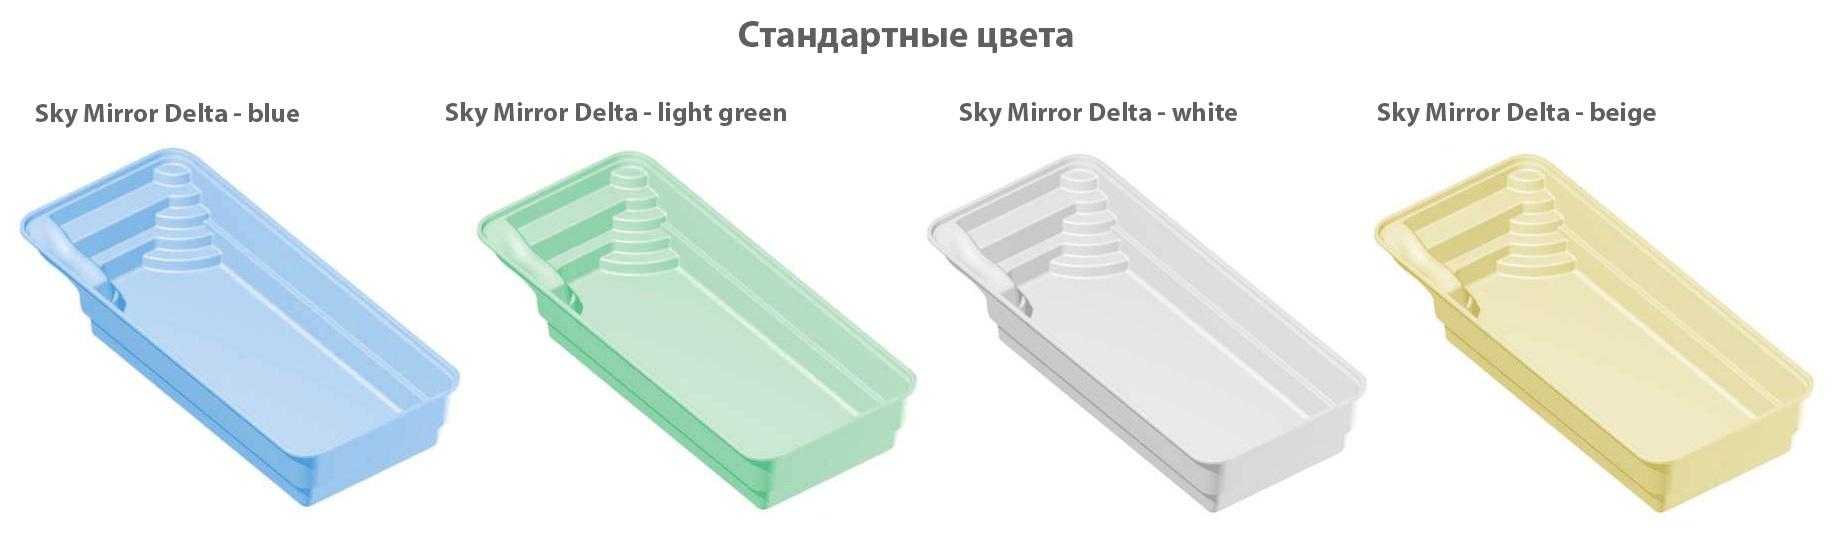 Цвет бассейна Sky Mirror Delta